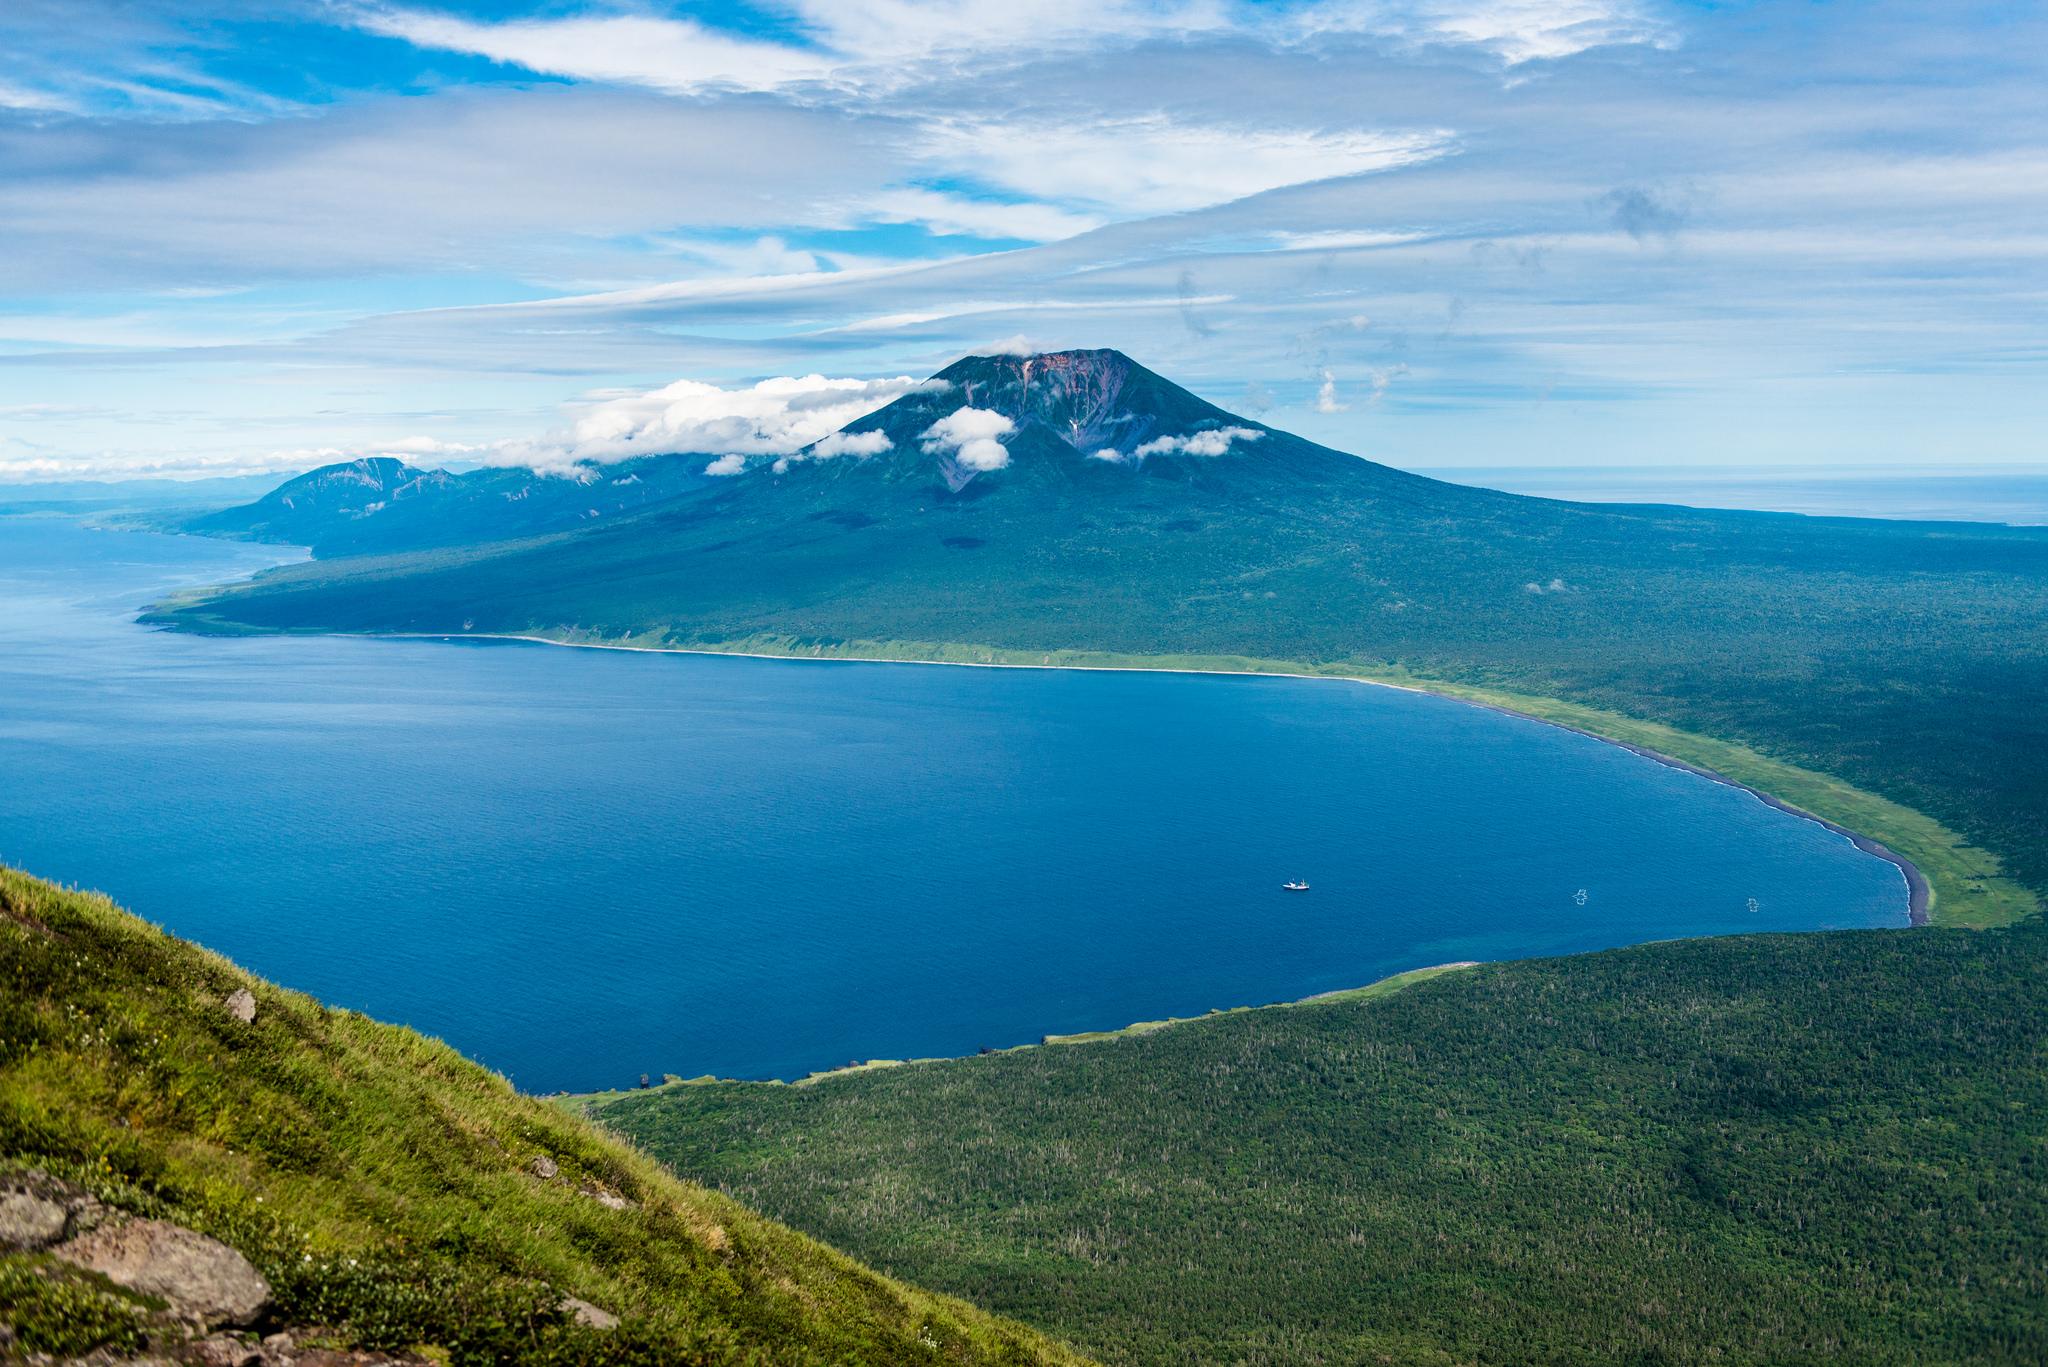 Az Aconopuri-vulkán Iturup szigetén. Forrás: Flickr/Eugene Kaspersky